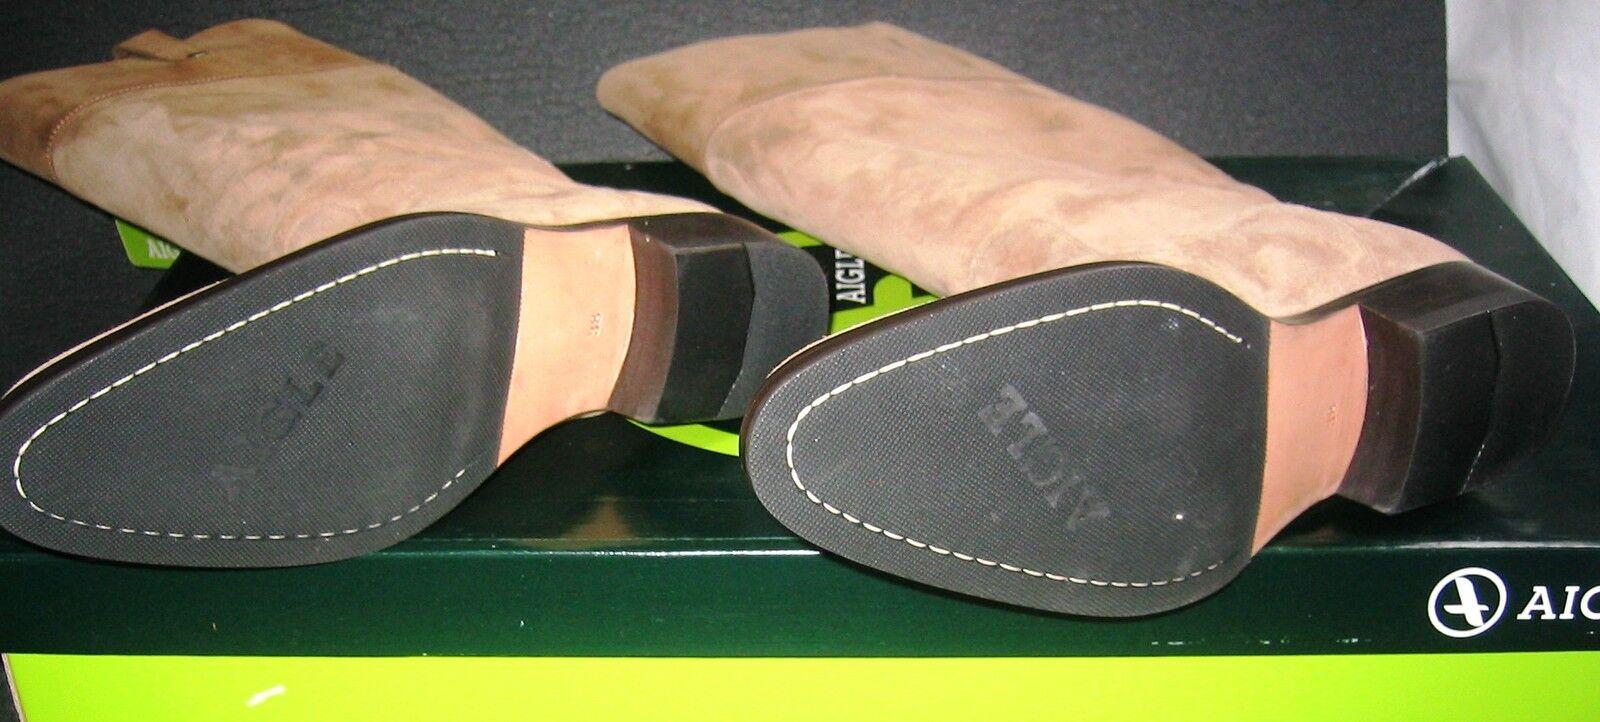 AIGLE CINCH Echt Leder Stiefel innen + außen Stiefel Stiefel Leder 38 / 5 NEU Reiter goldbraun bf0469